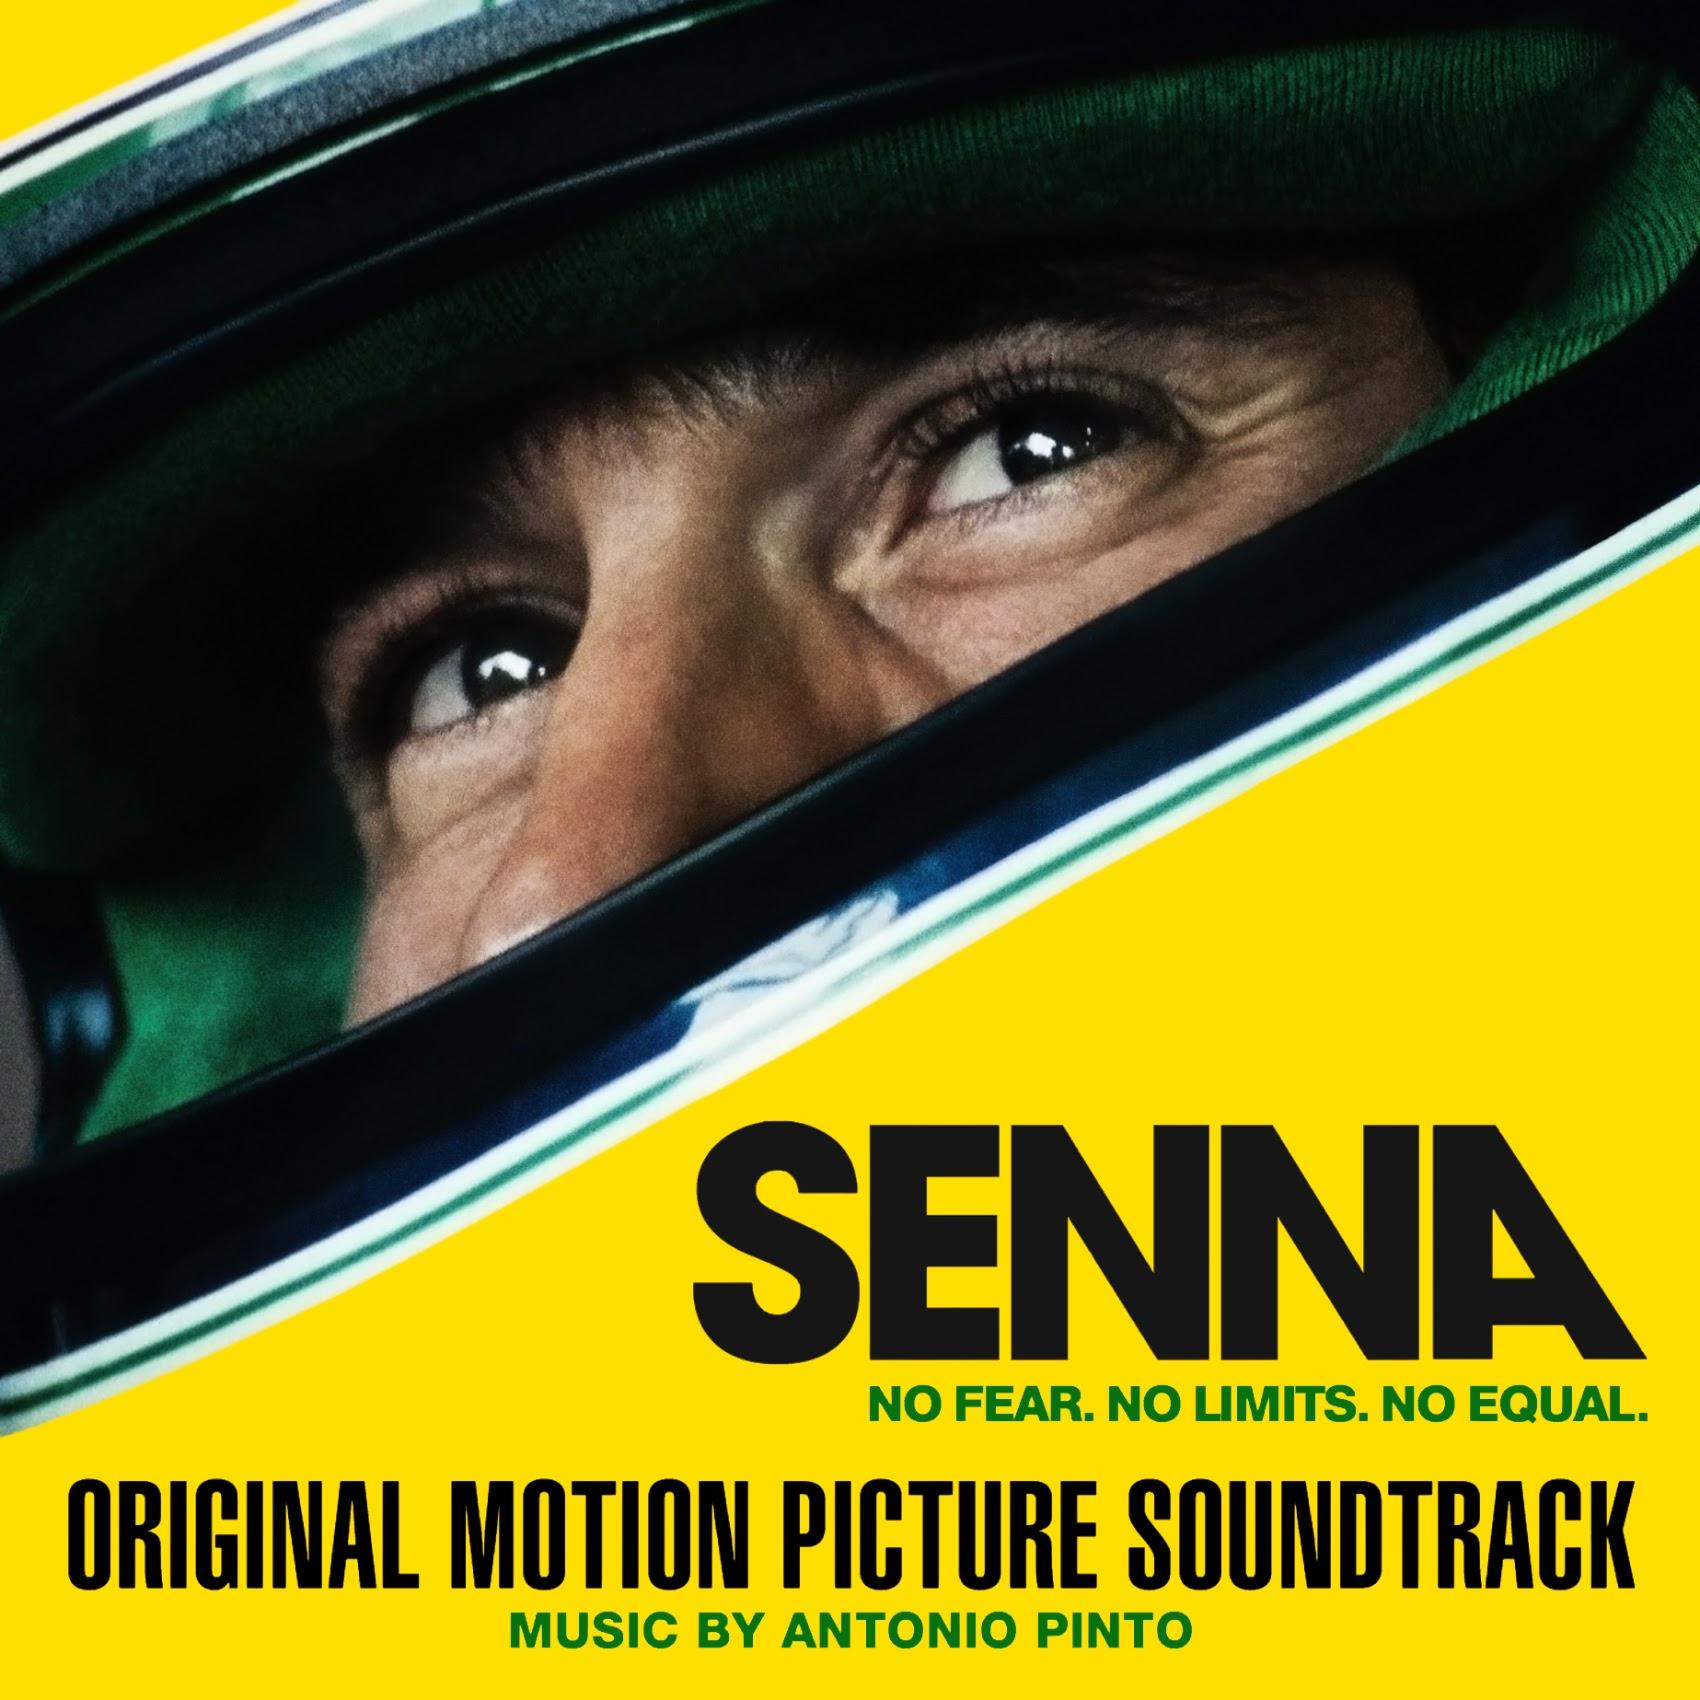 Album Artist: Antonio Pinto / Album Title: Senna (Original Motion Picture Soundtrack)